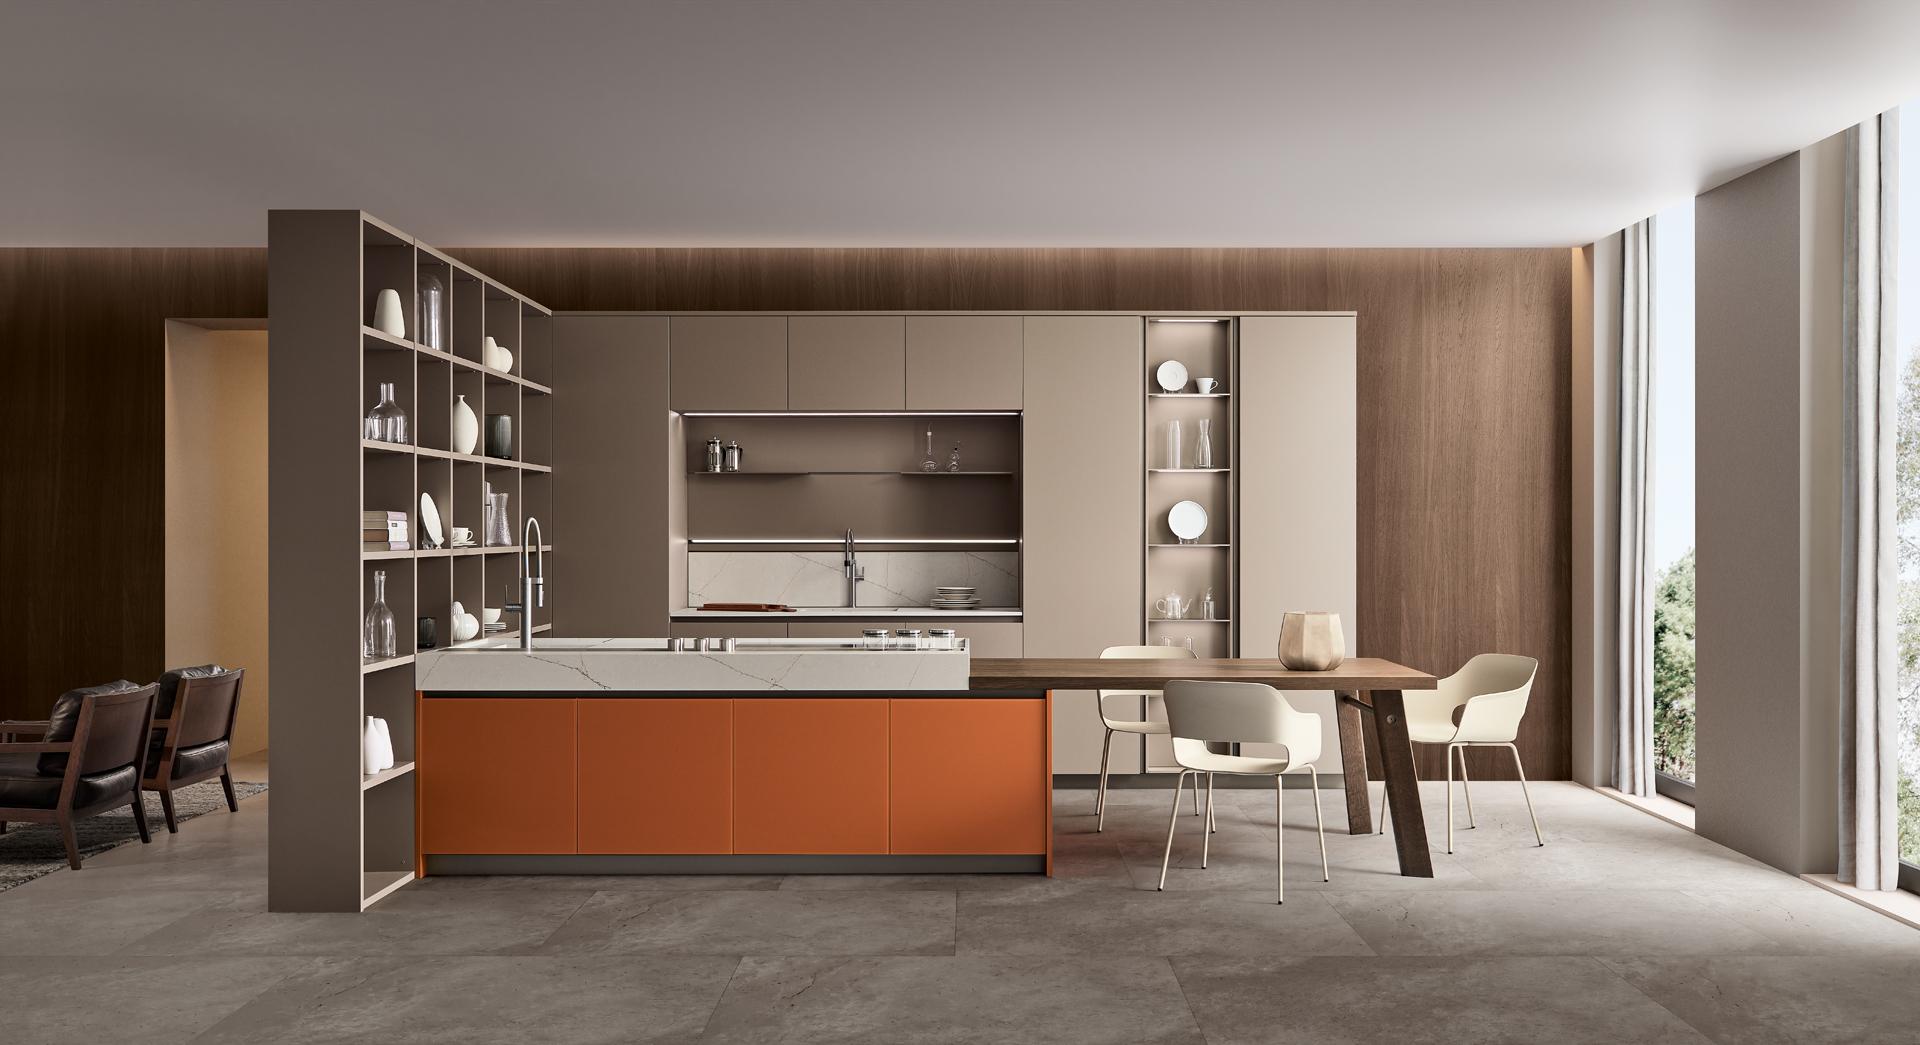 Modello Lounge — Versione: Vetro laccato opaco Arancio Brick / Laccato opaco Camoscio — Composizione: Con living